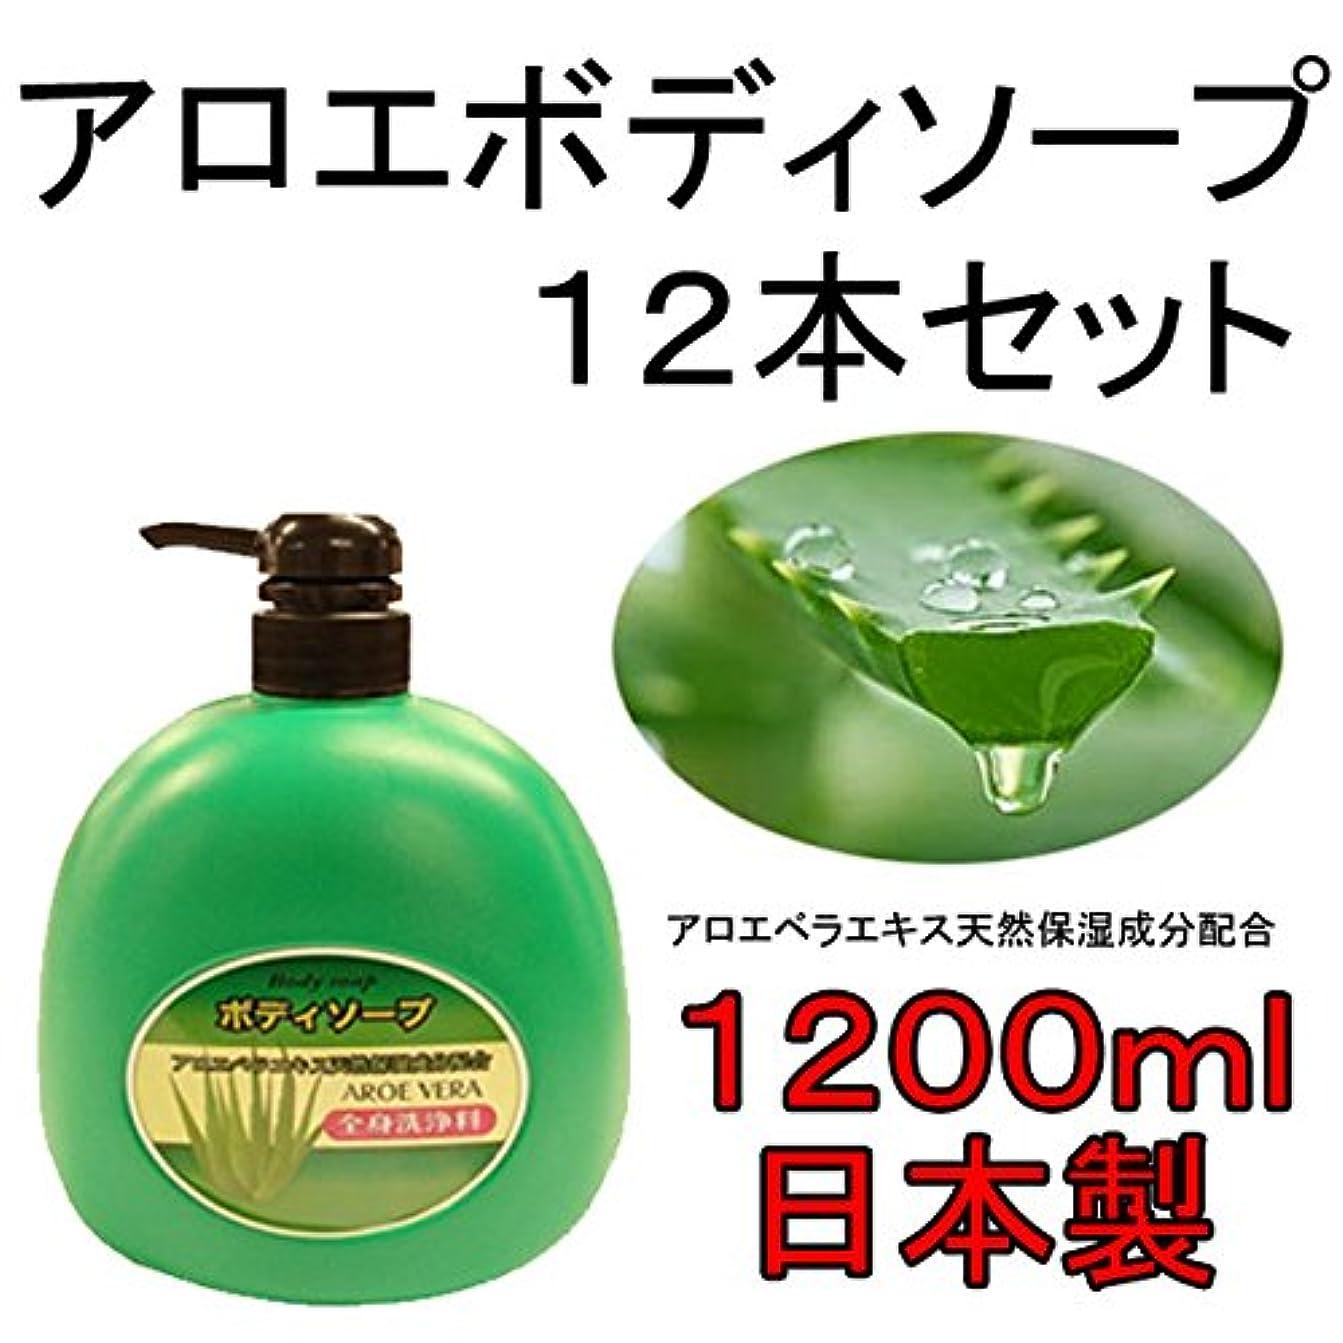 球体フレッシュ勝つ高級アロエボディソープ12本セット アロエエキスたっぷりでお肌つるつる 国産?日本製で安心/約1年分1本1200mlの大容量でお得 液体ソープ ボディソープ ボディシャンプー 風呂用 石鹸 せっけん 全身用ソープ body soap aroe あろえ